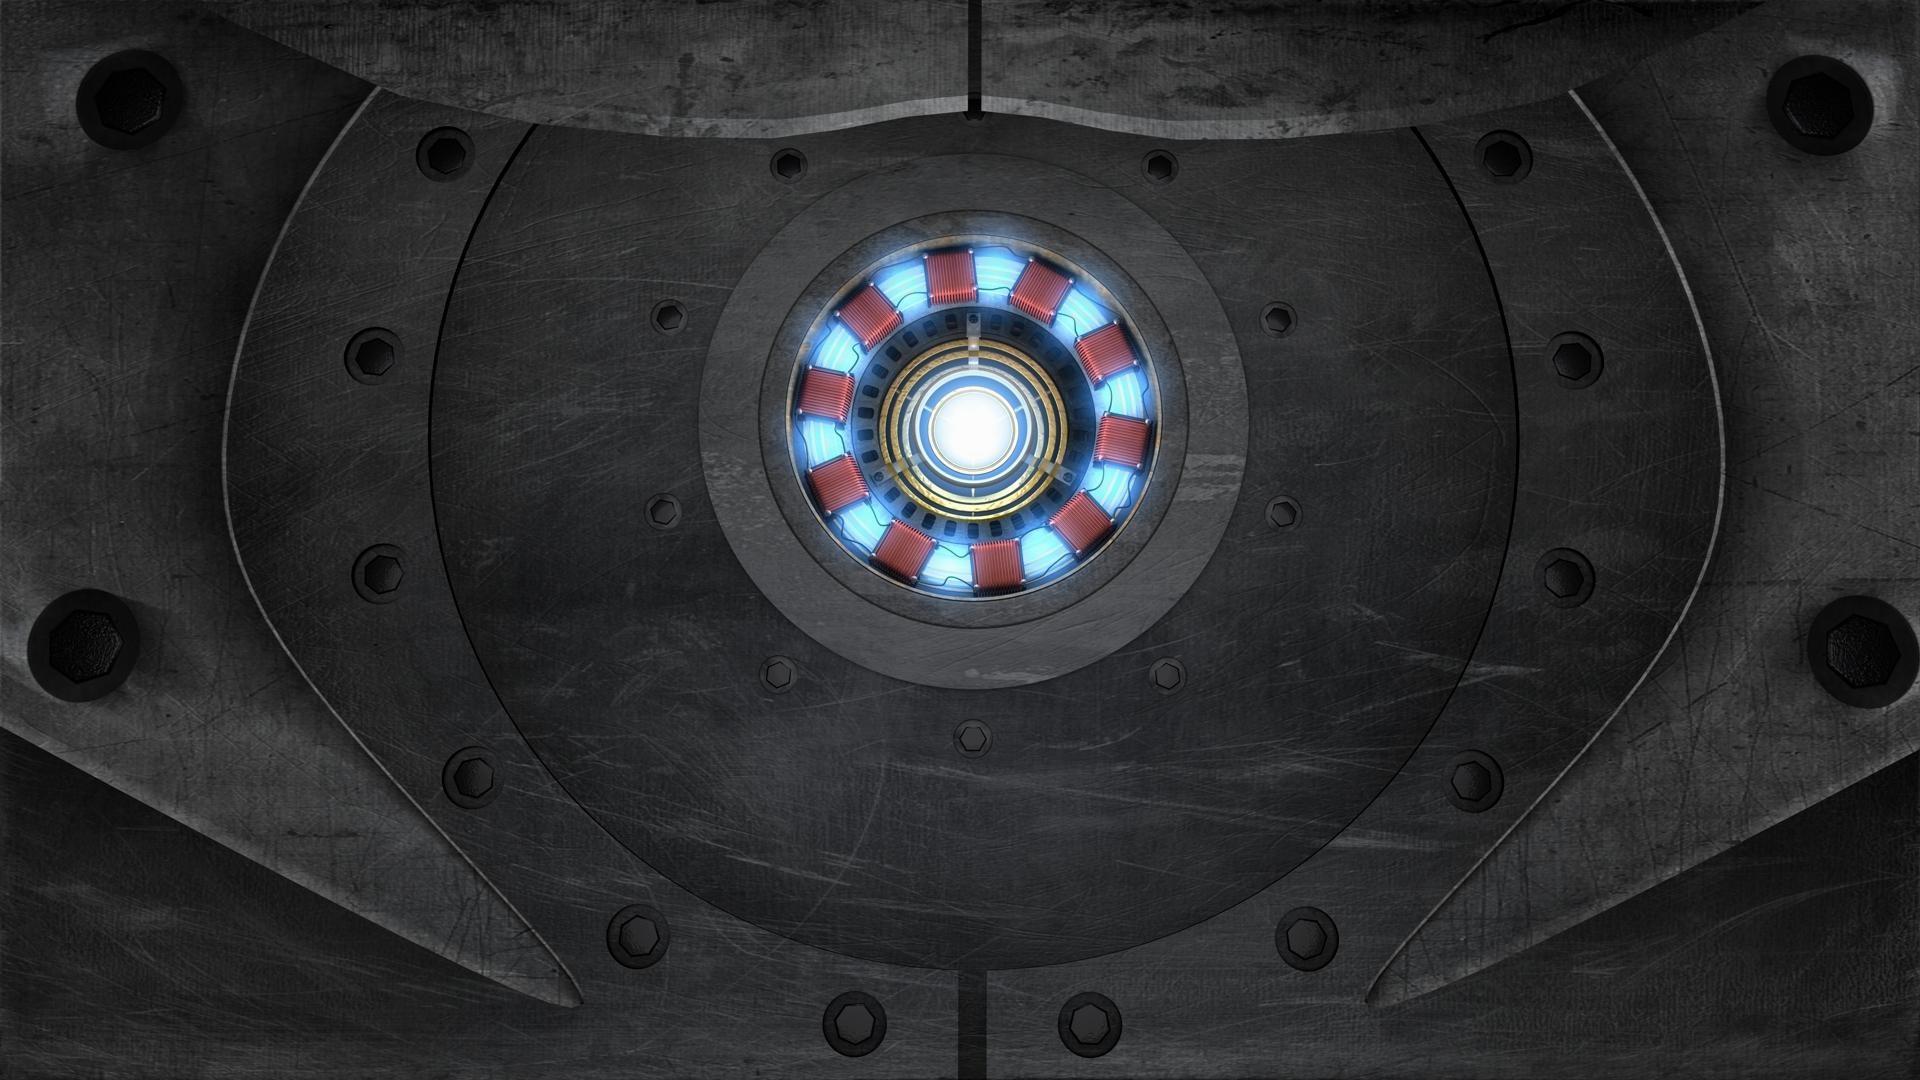 wallpaper.wiki-Download-Arc-Reactor-Iron-Man-Image-